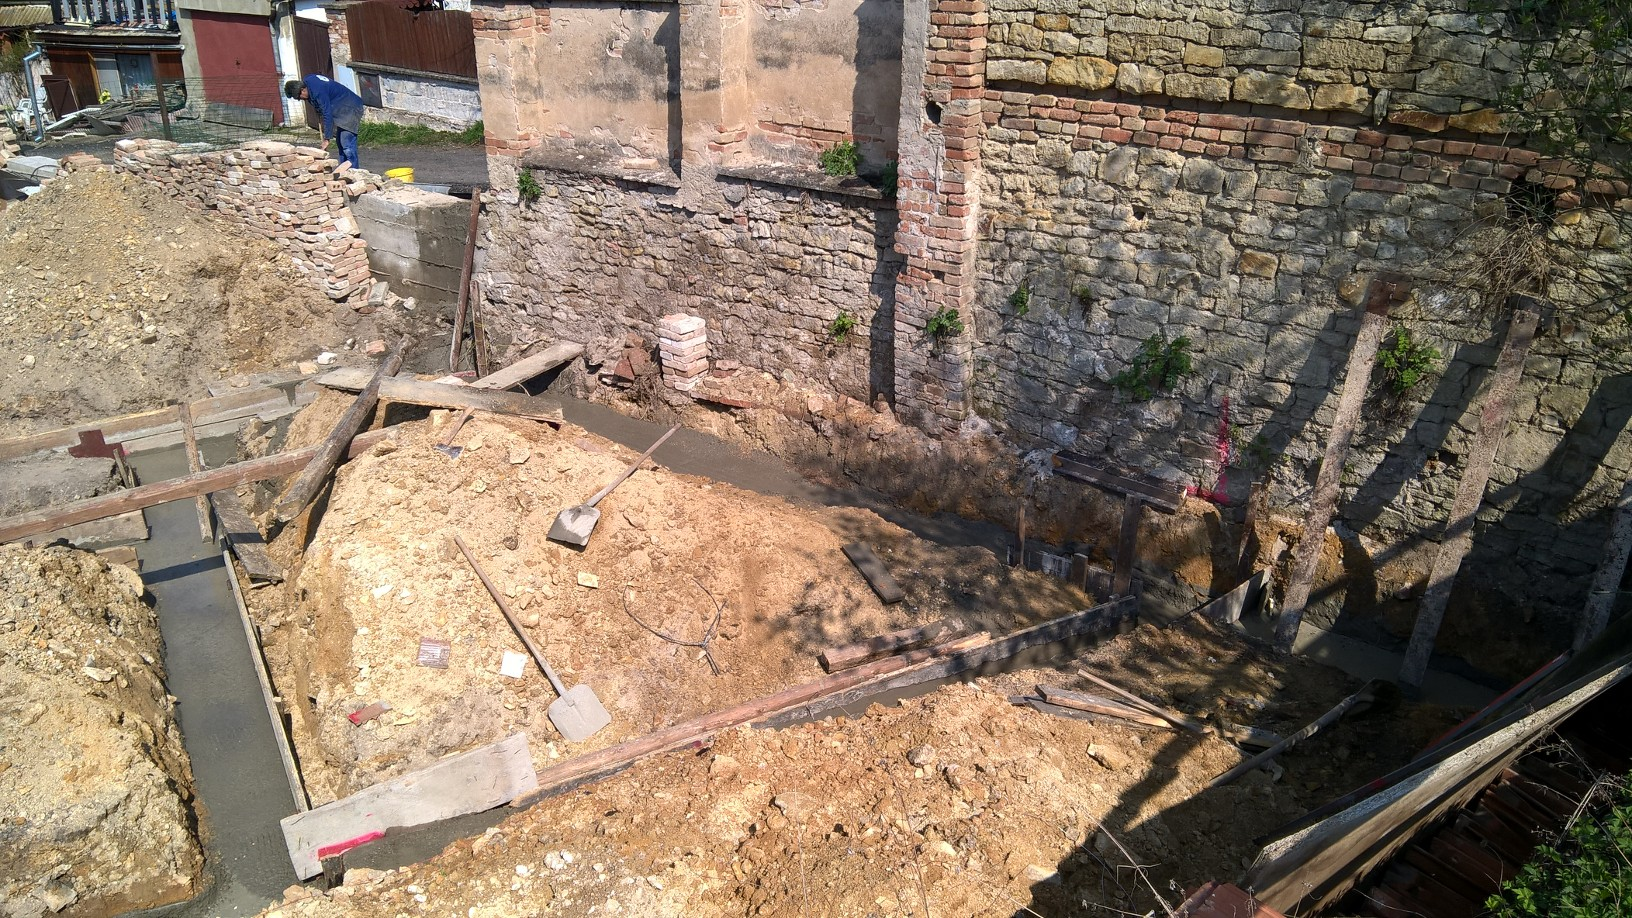 Spolek nadsencu pro rekonstrukce zakopovych bitev prvni svetove valky. Foto: Sláma v botách